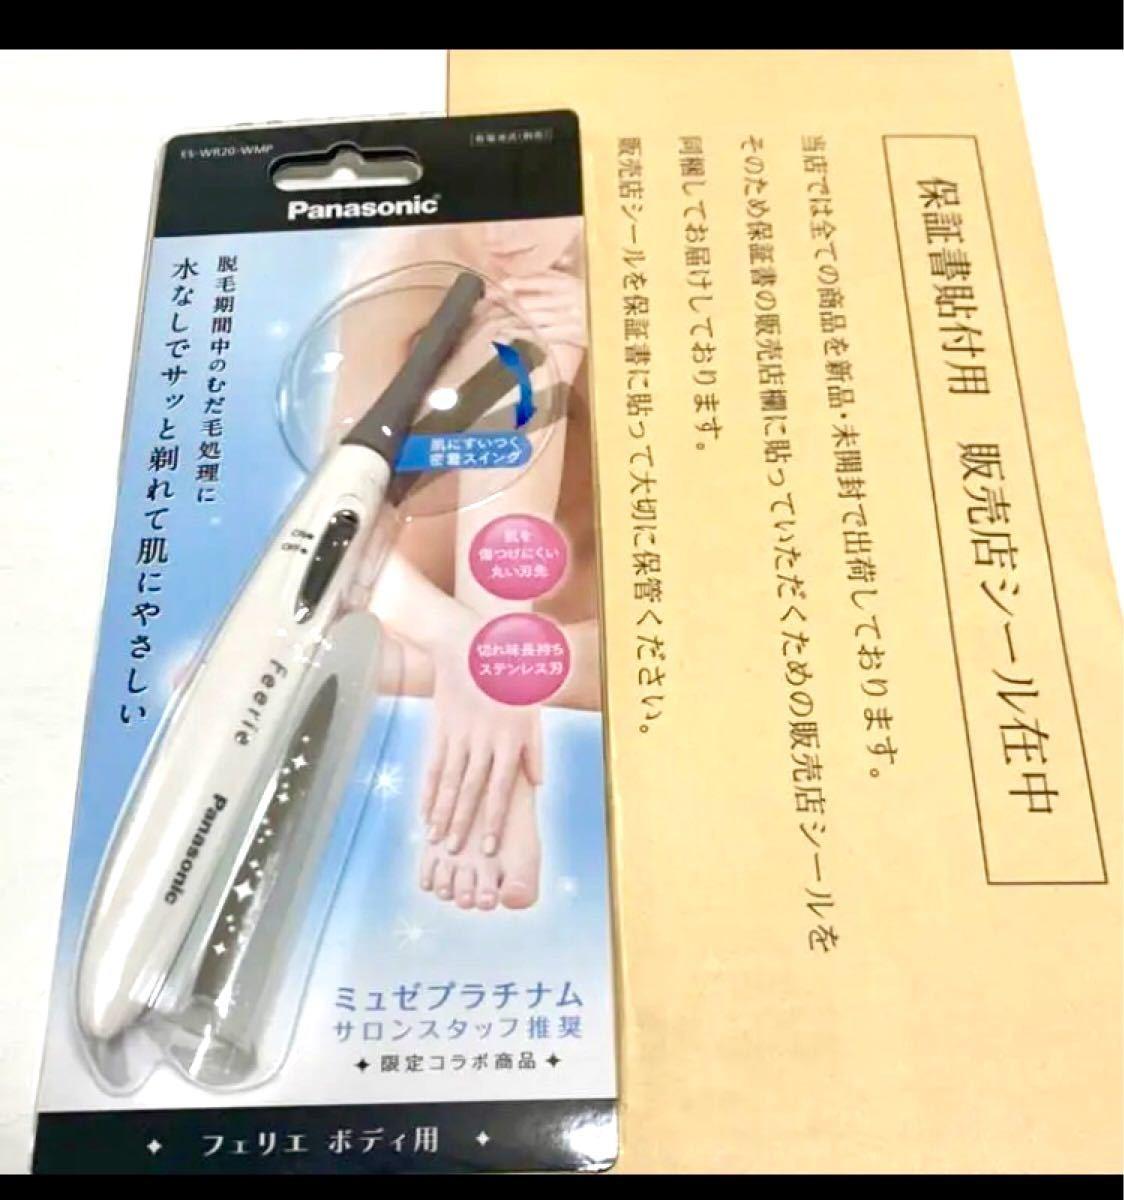 フェリエ Panasonic ☆ミュゼ限定品☆ 電気シェーバー パナソニック